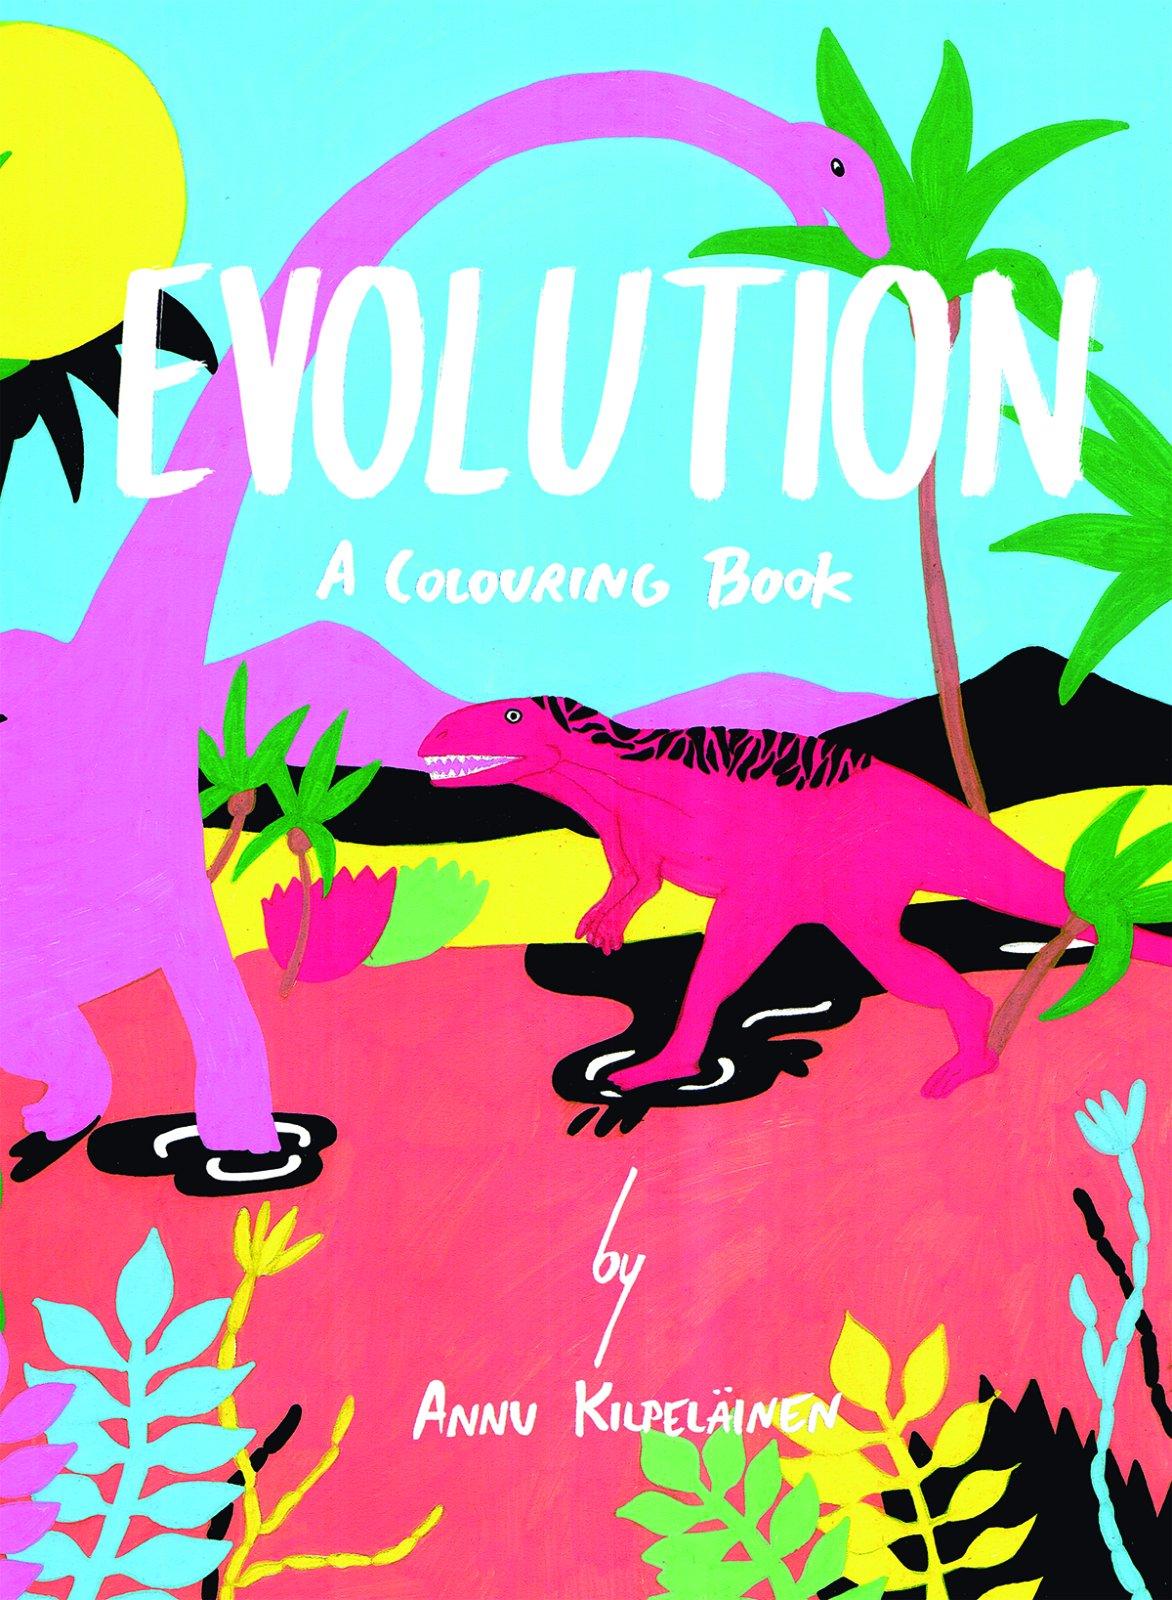 Evolution: A Colouring Book: Annu Kilpelainen: 9781908714169 ...